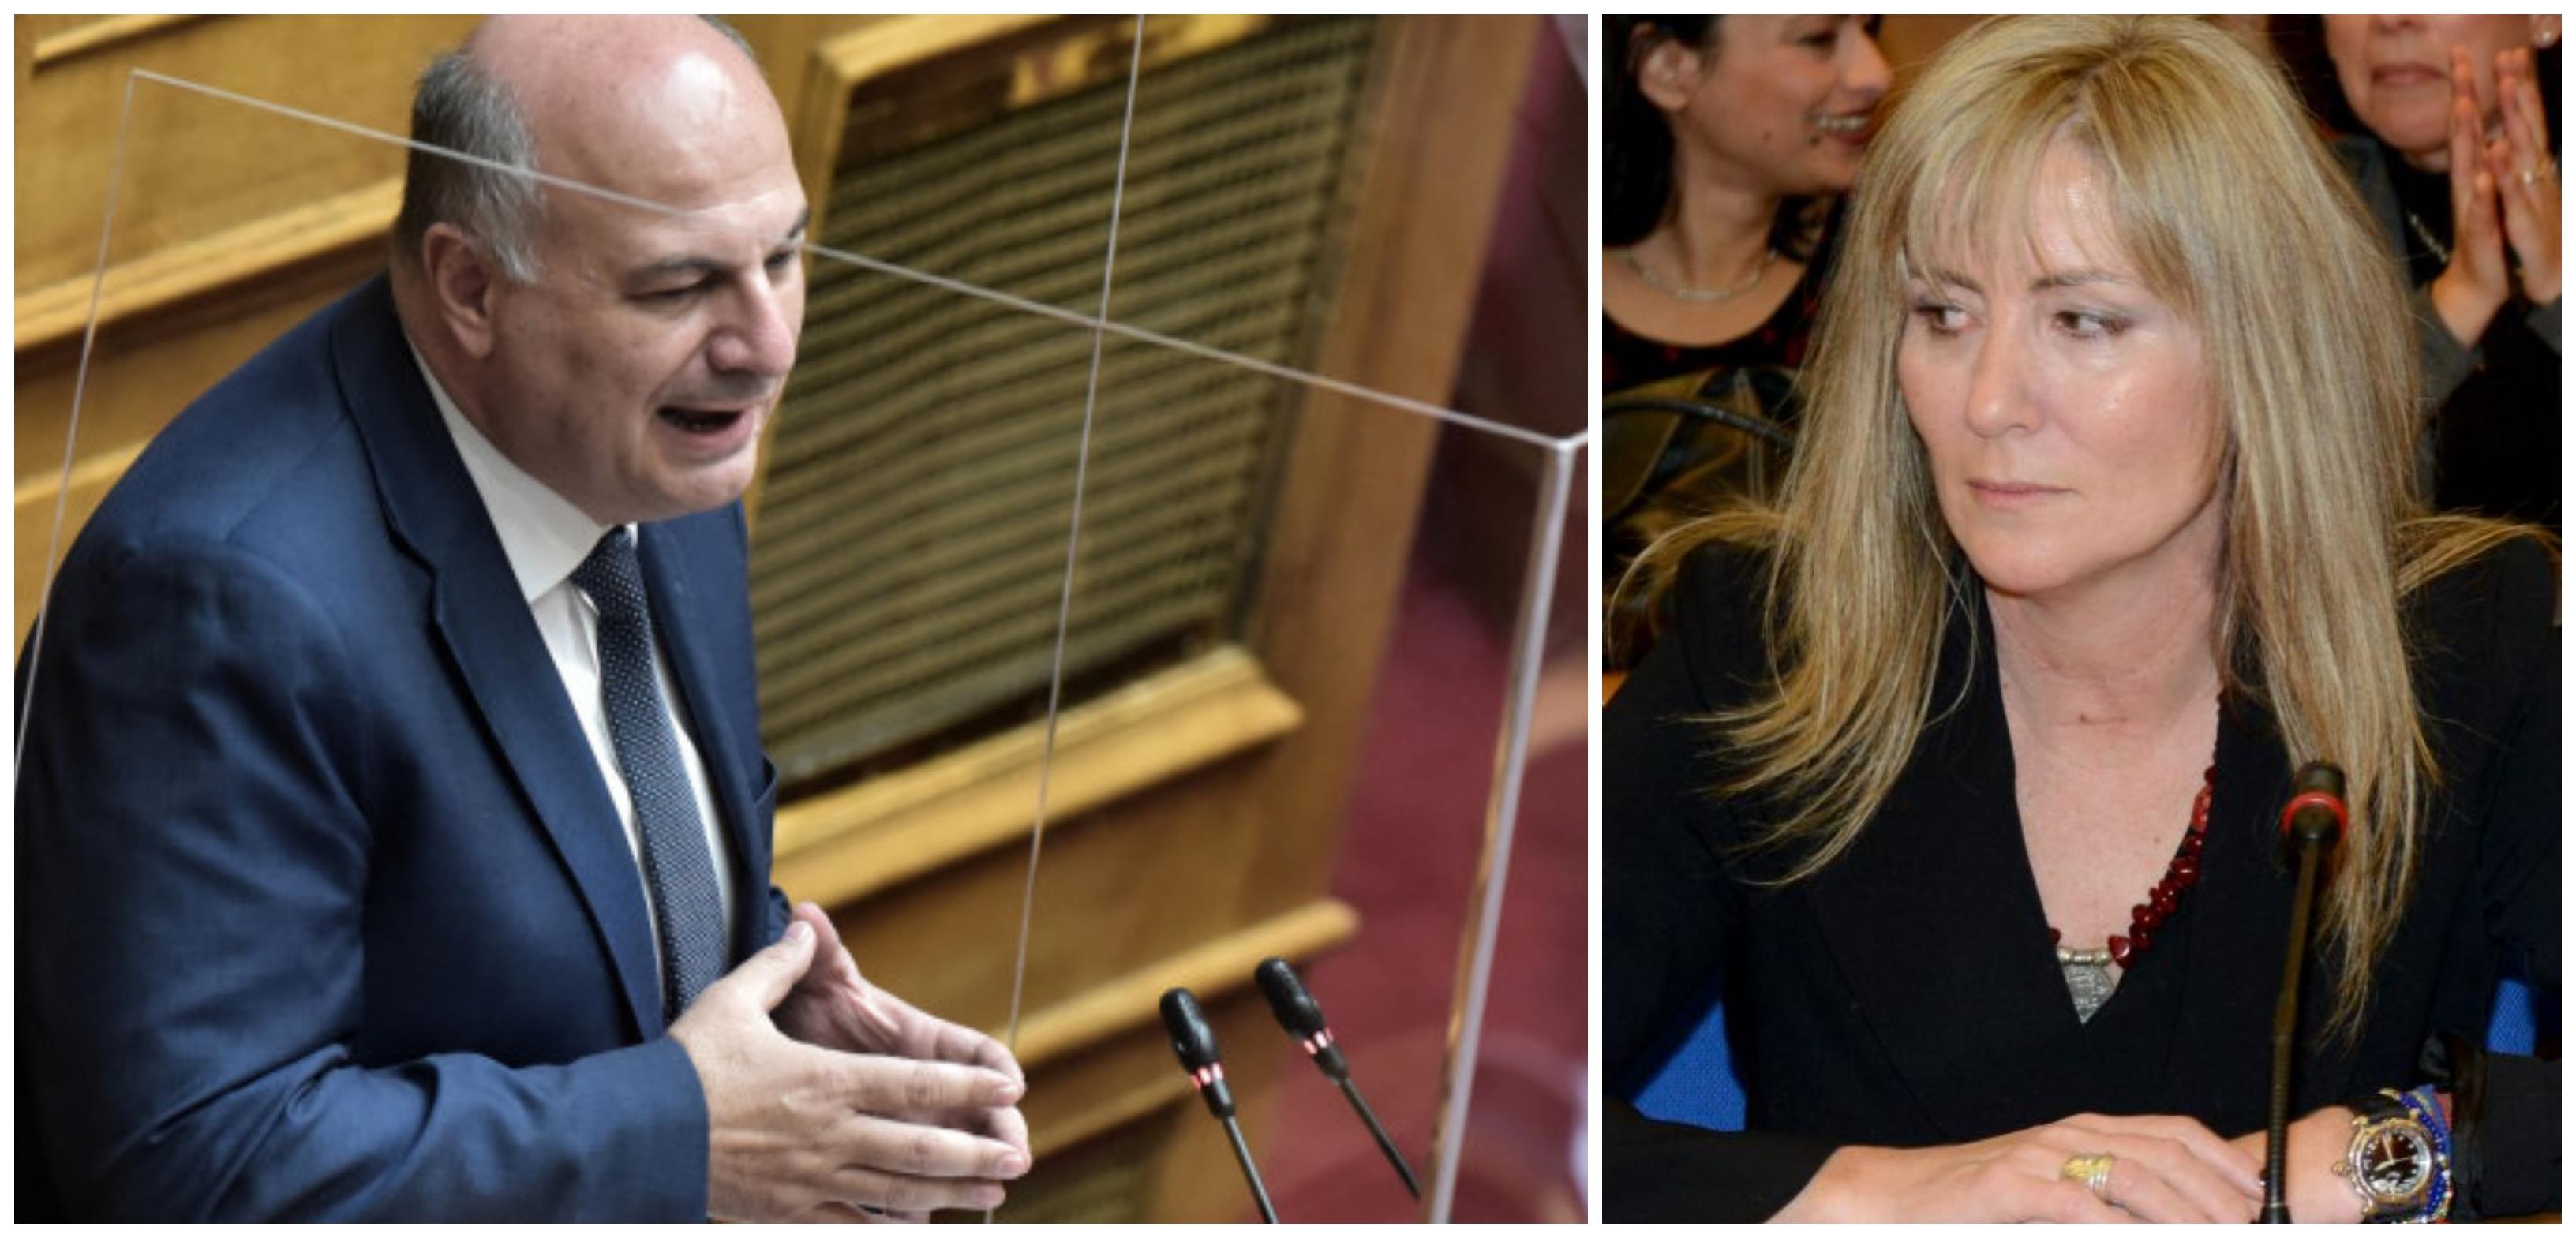 Απομάκρυνση δια της καταργήσεως της θέσης του Εισαγγελέα Διαφθοράς, για την Ελένη Τουλουπάκη; – Η αντίδραση του ΣΥΡΙΖΑ